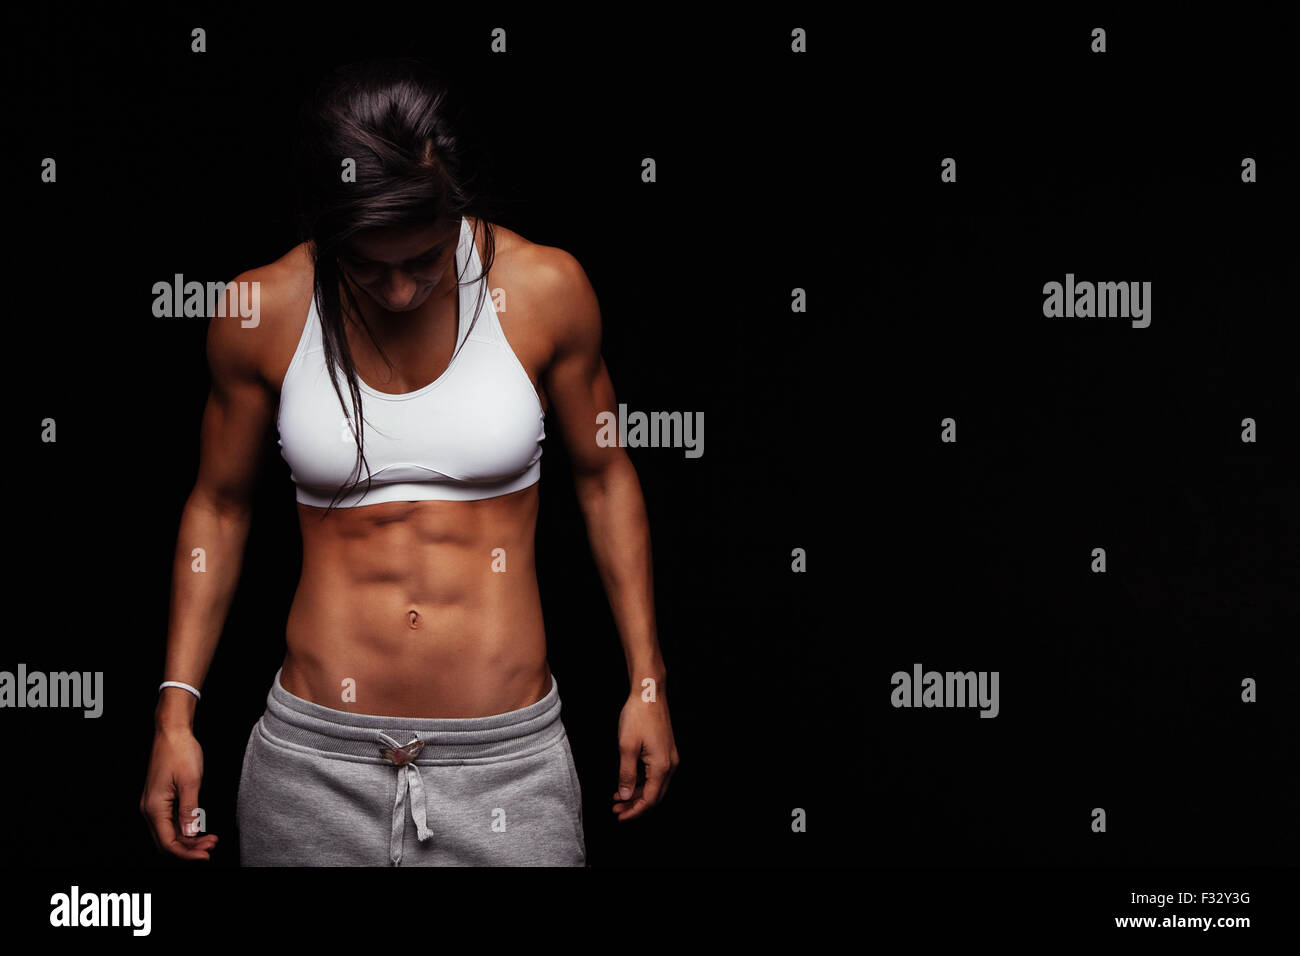 Image de la femme dans les vêtements de sport de remise en forme à la recherche vers le bas. Jeune modèle féminin Banque D'Images